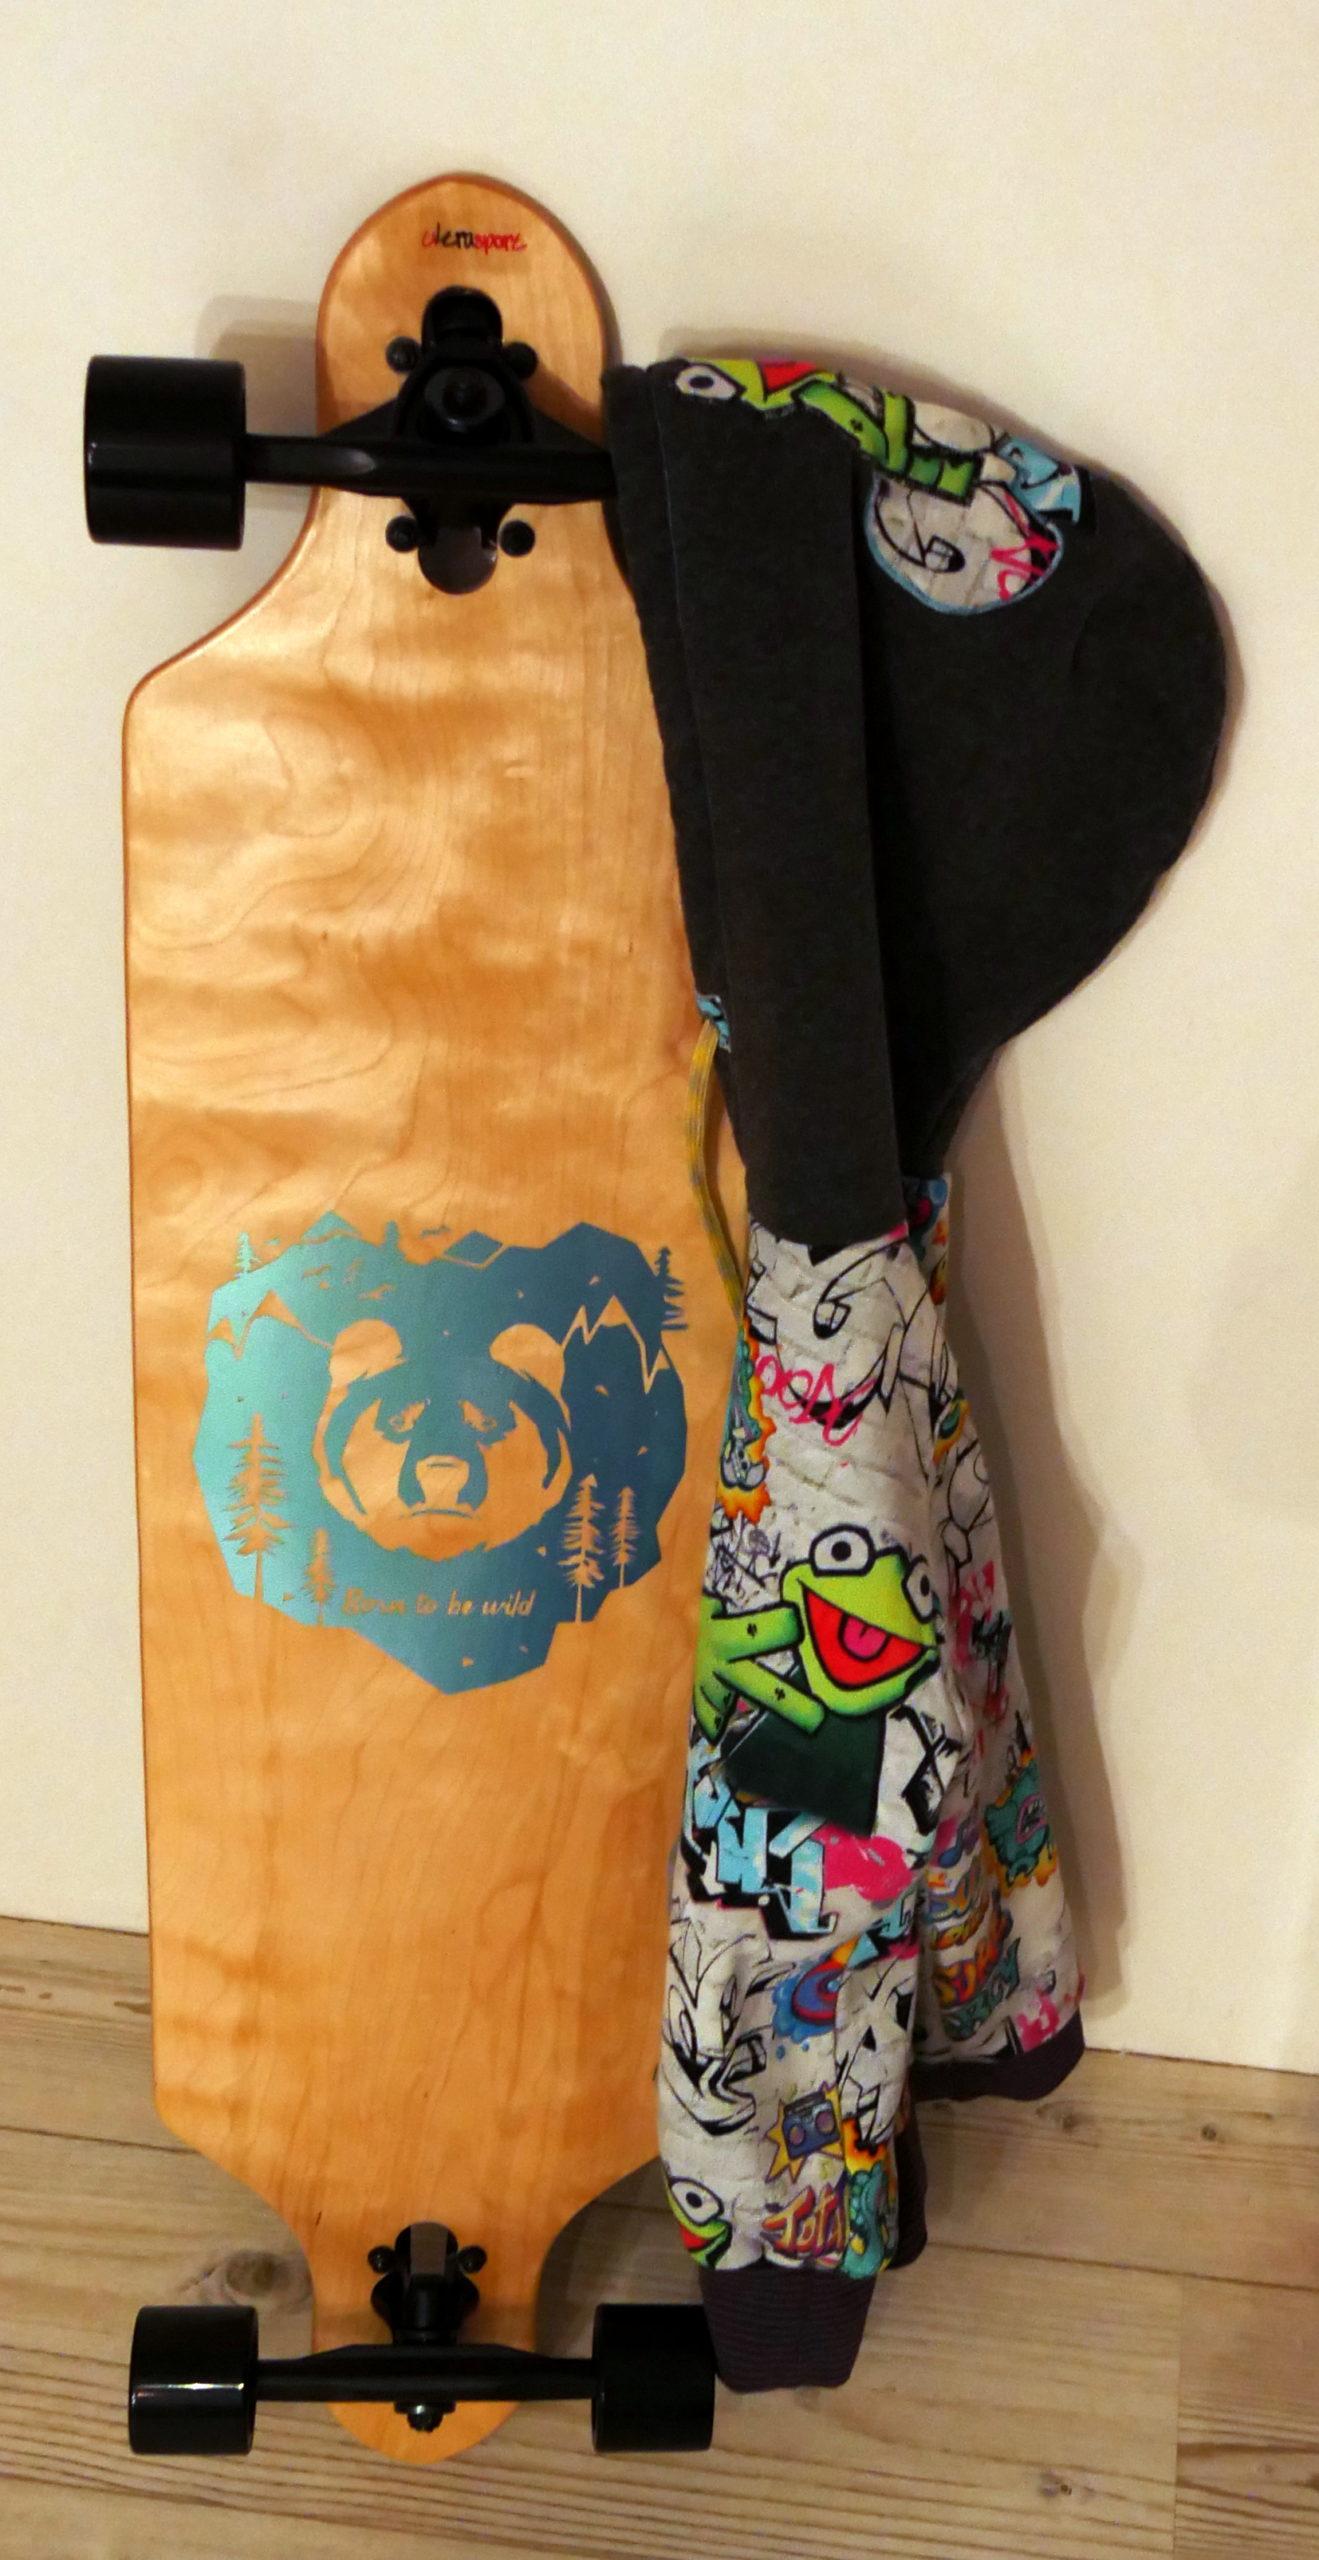 Skateboard → Autofolie Plotterdatei BORN TO BE WILD von SILHOUETTE LOVE